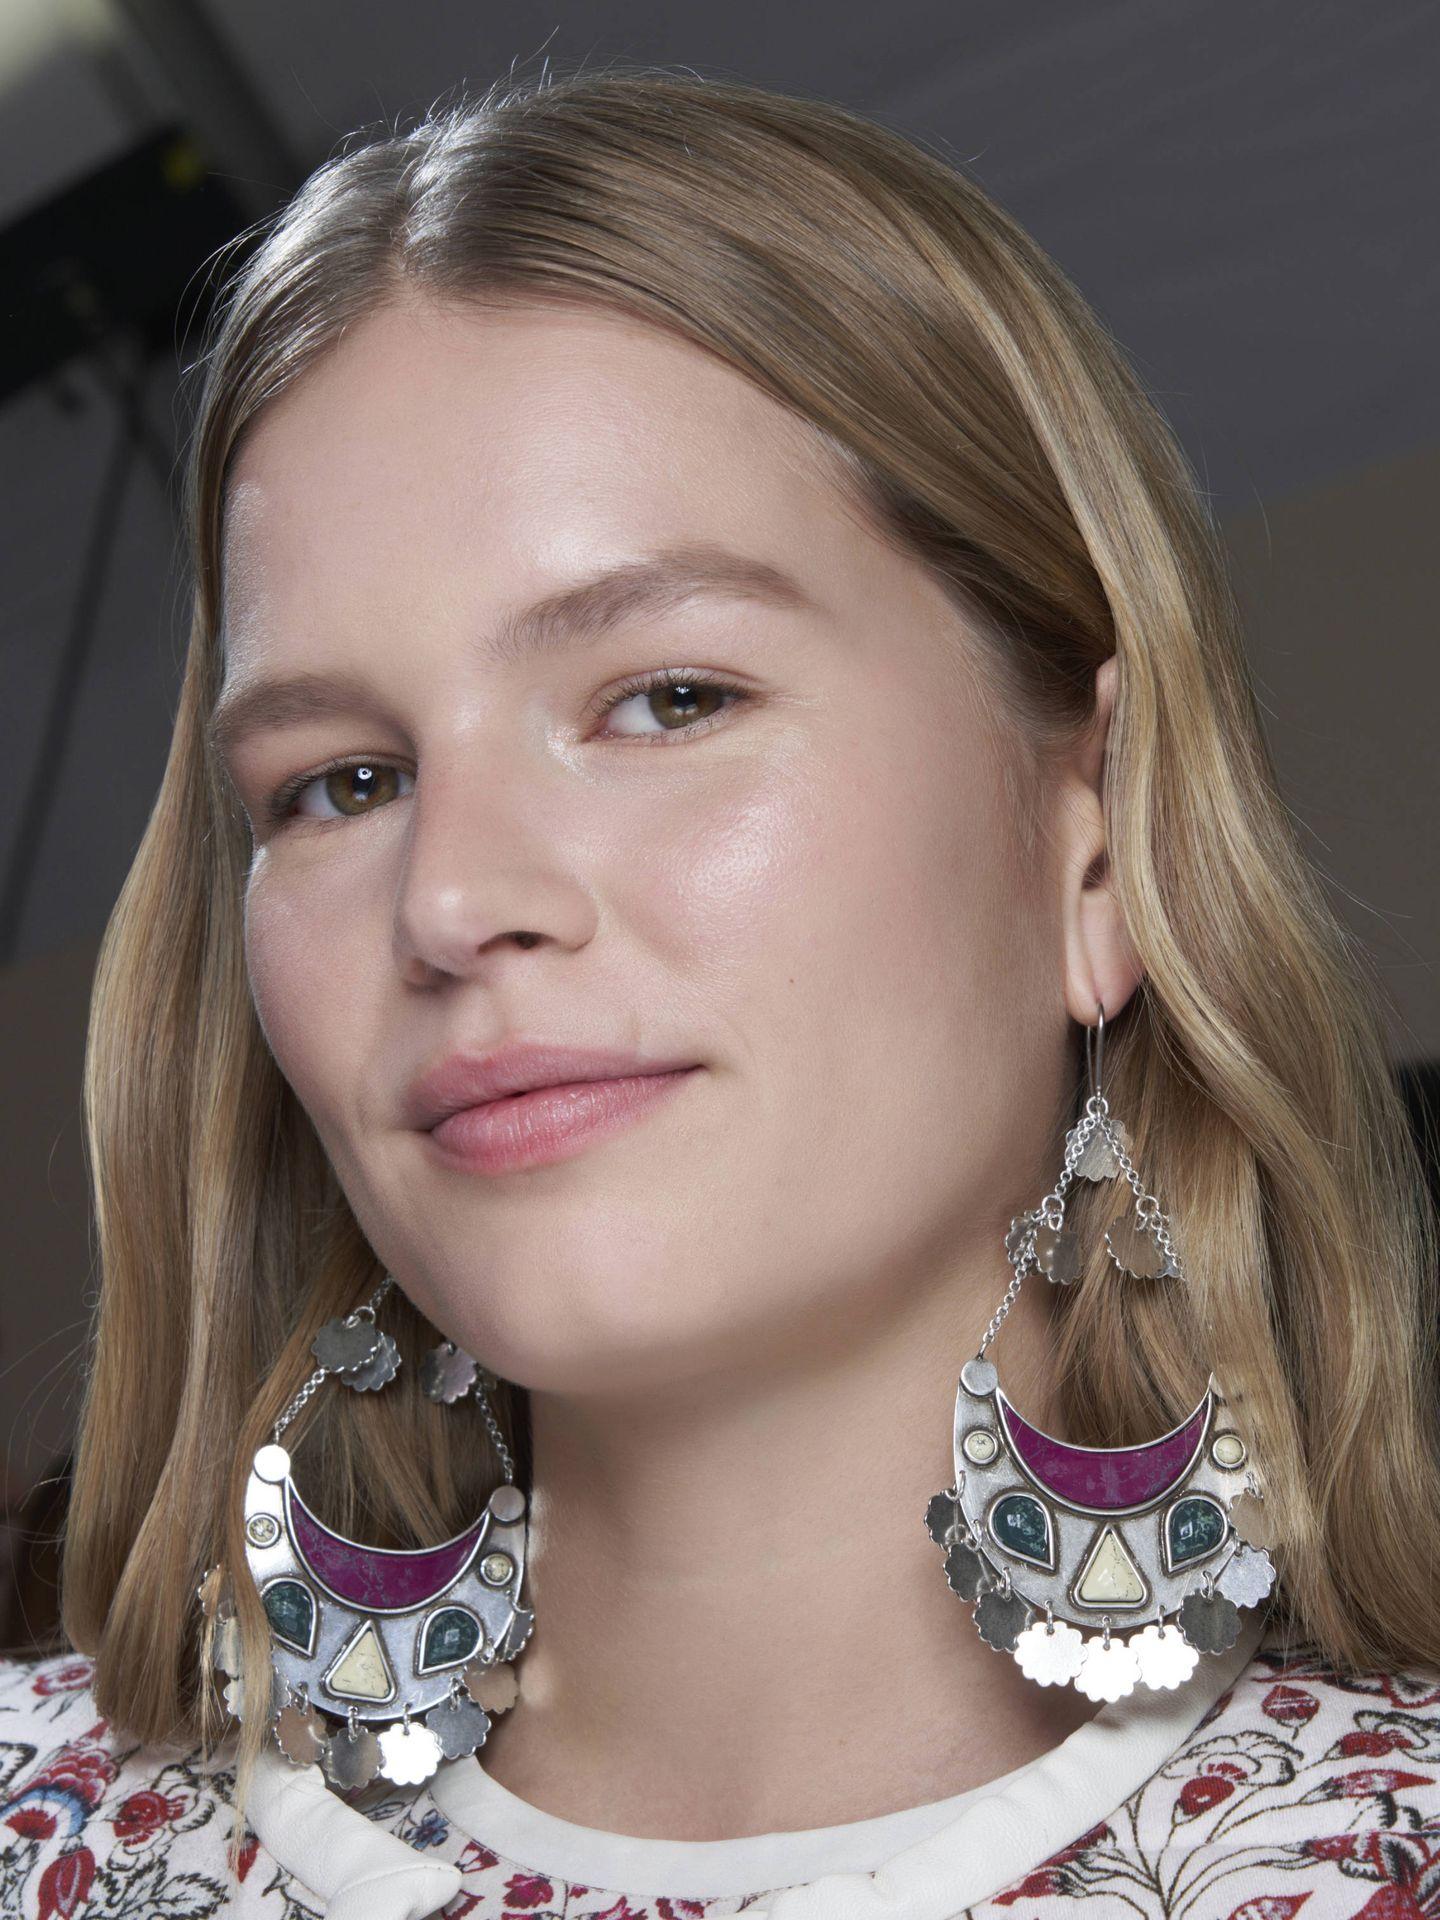 El acné adulto es un 40% más frecuente en mujeres. (Imaxtree)